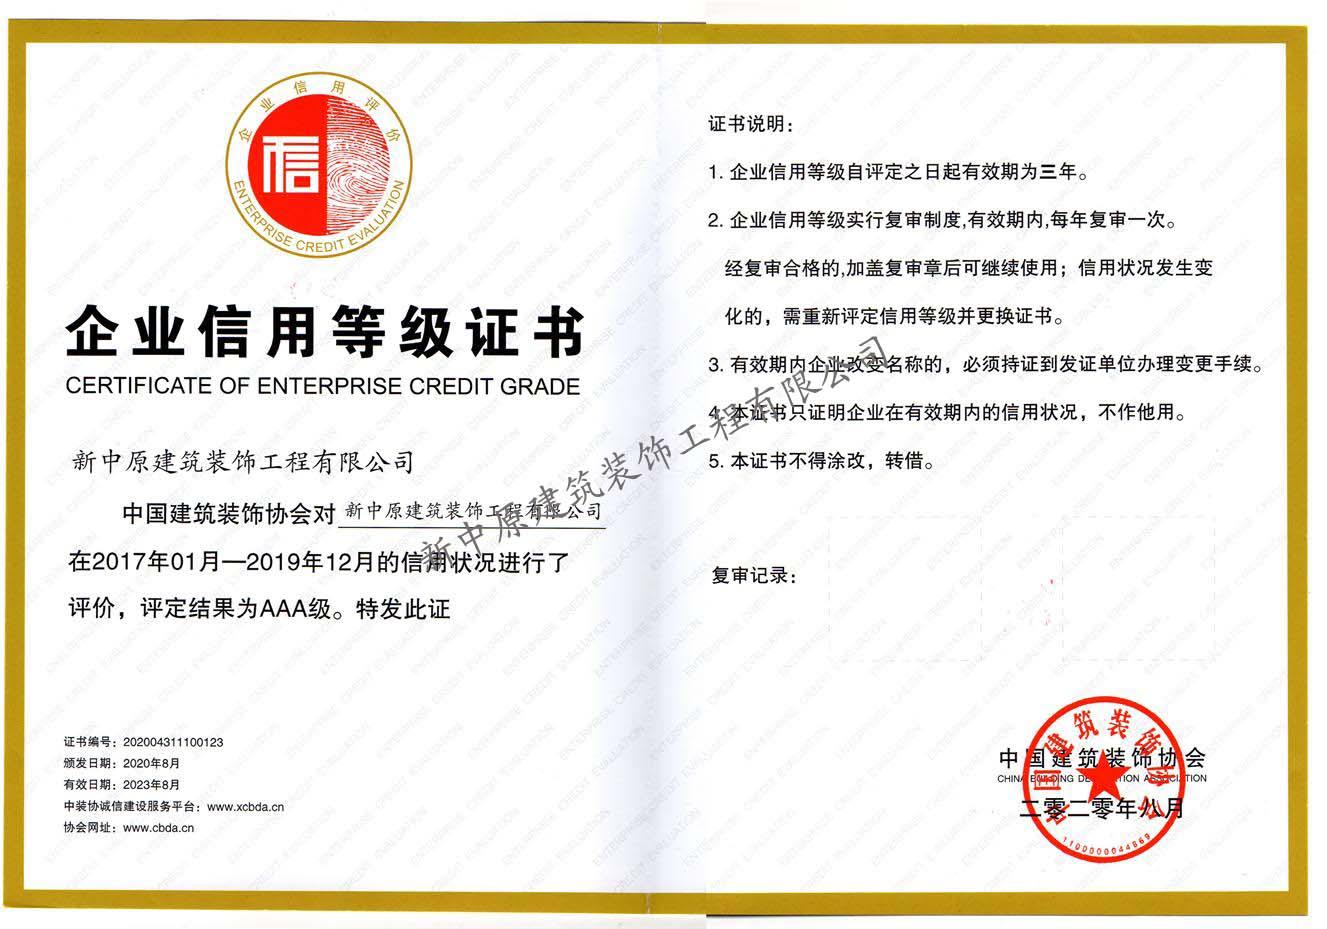 我司荣获中国建筑装饰协会企业信用等级AAA级证书